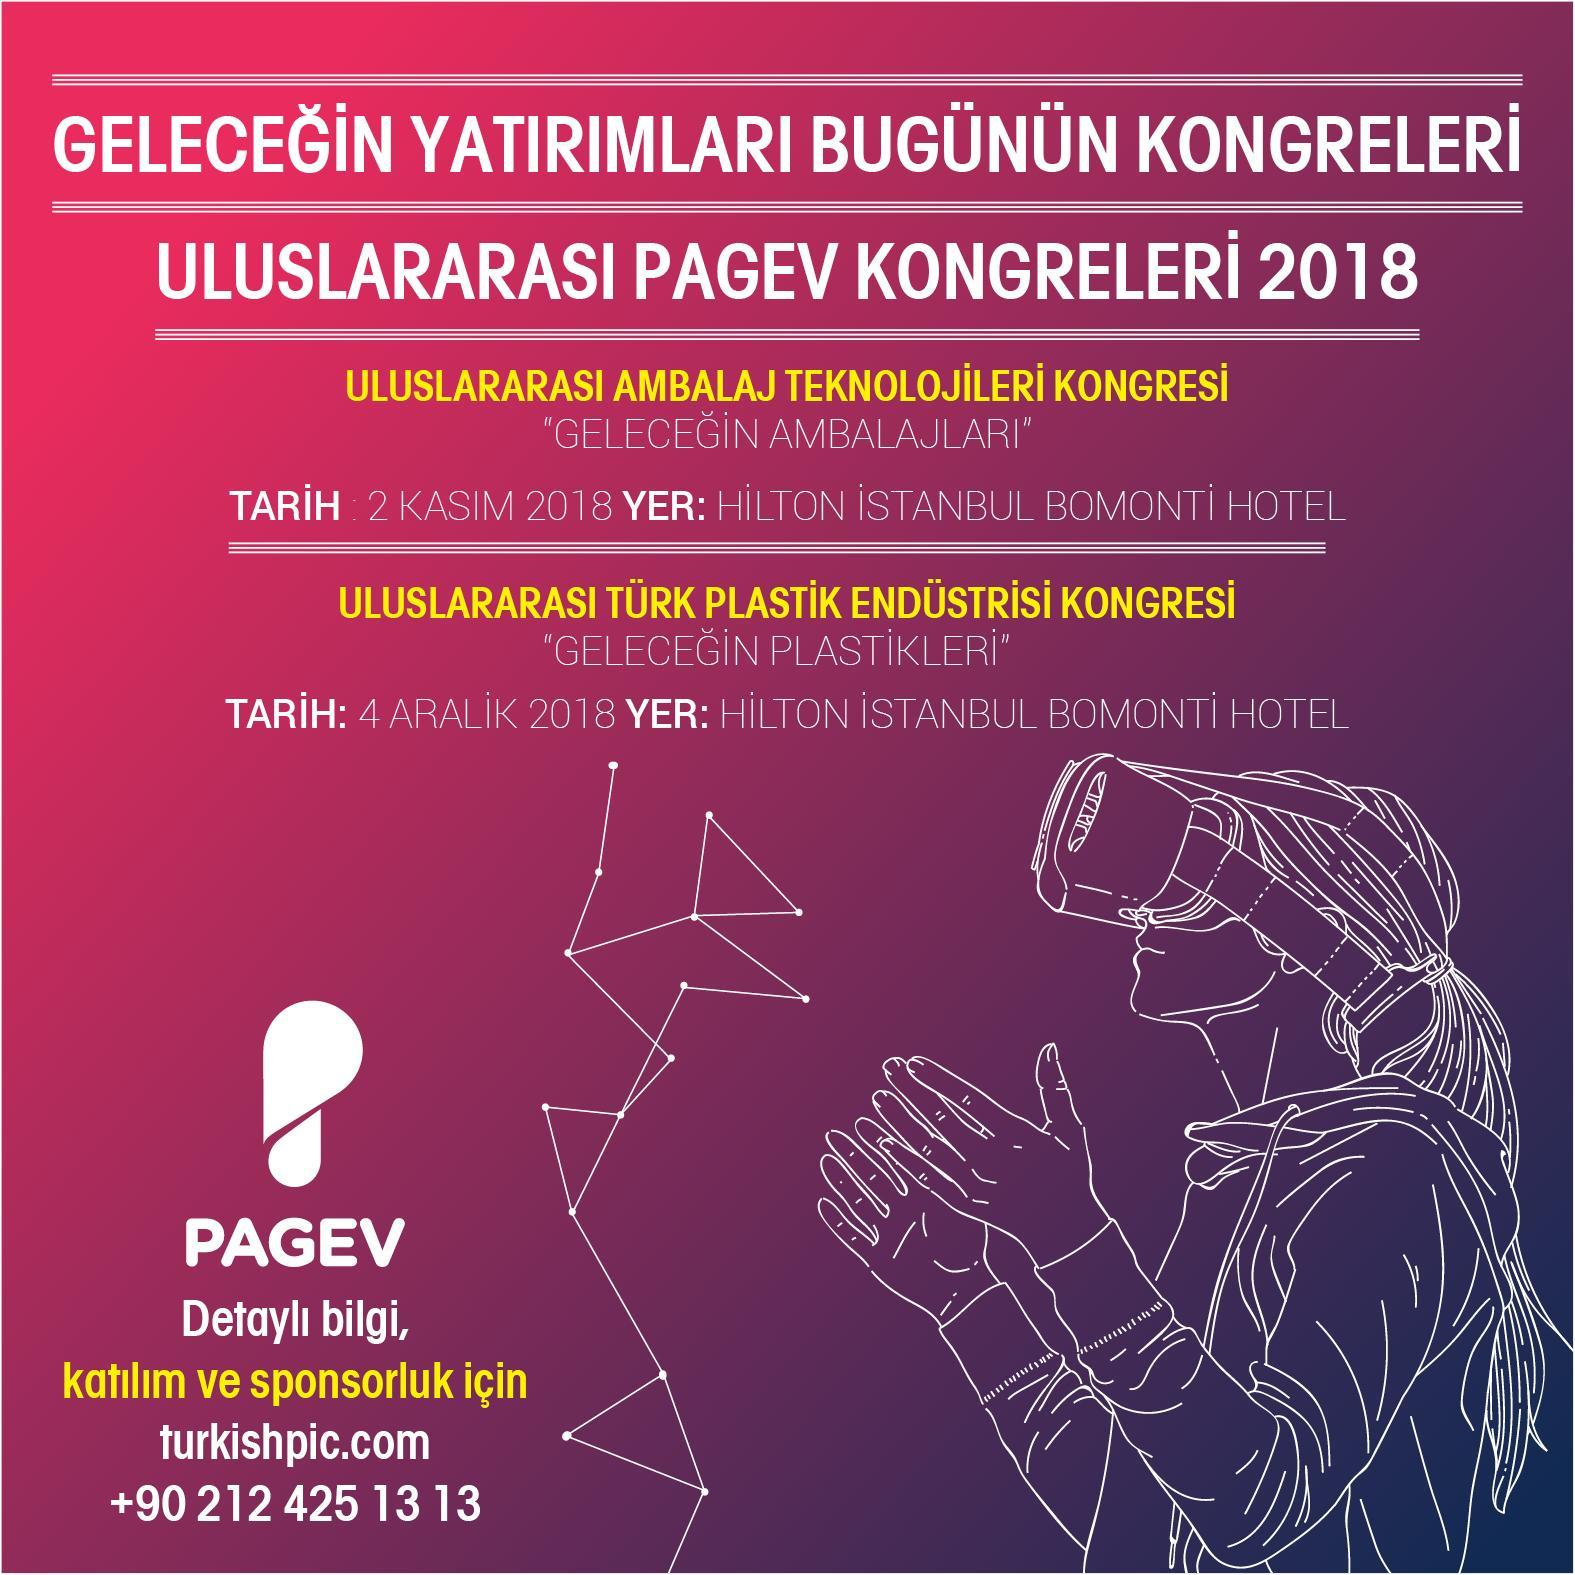 13. PAGEV Türk Plastik Endüstrisi Kongresi